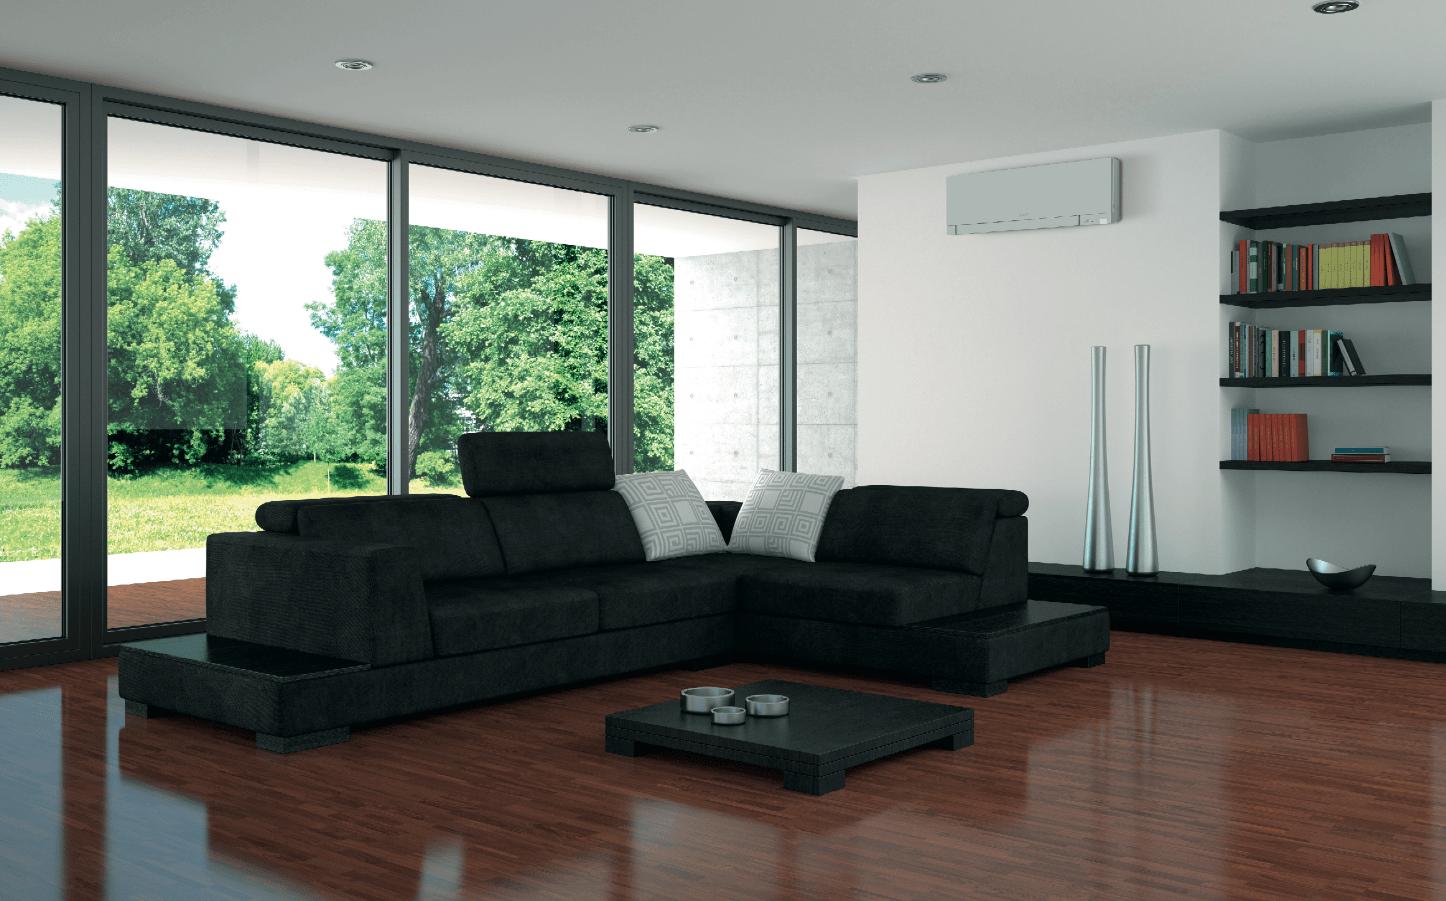 Climatizzatori i nuovi gas refrigeranti ecologici cose di casa